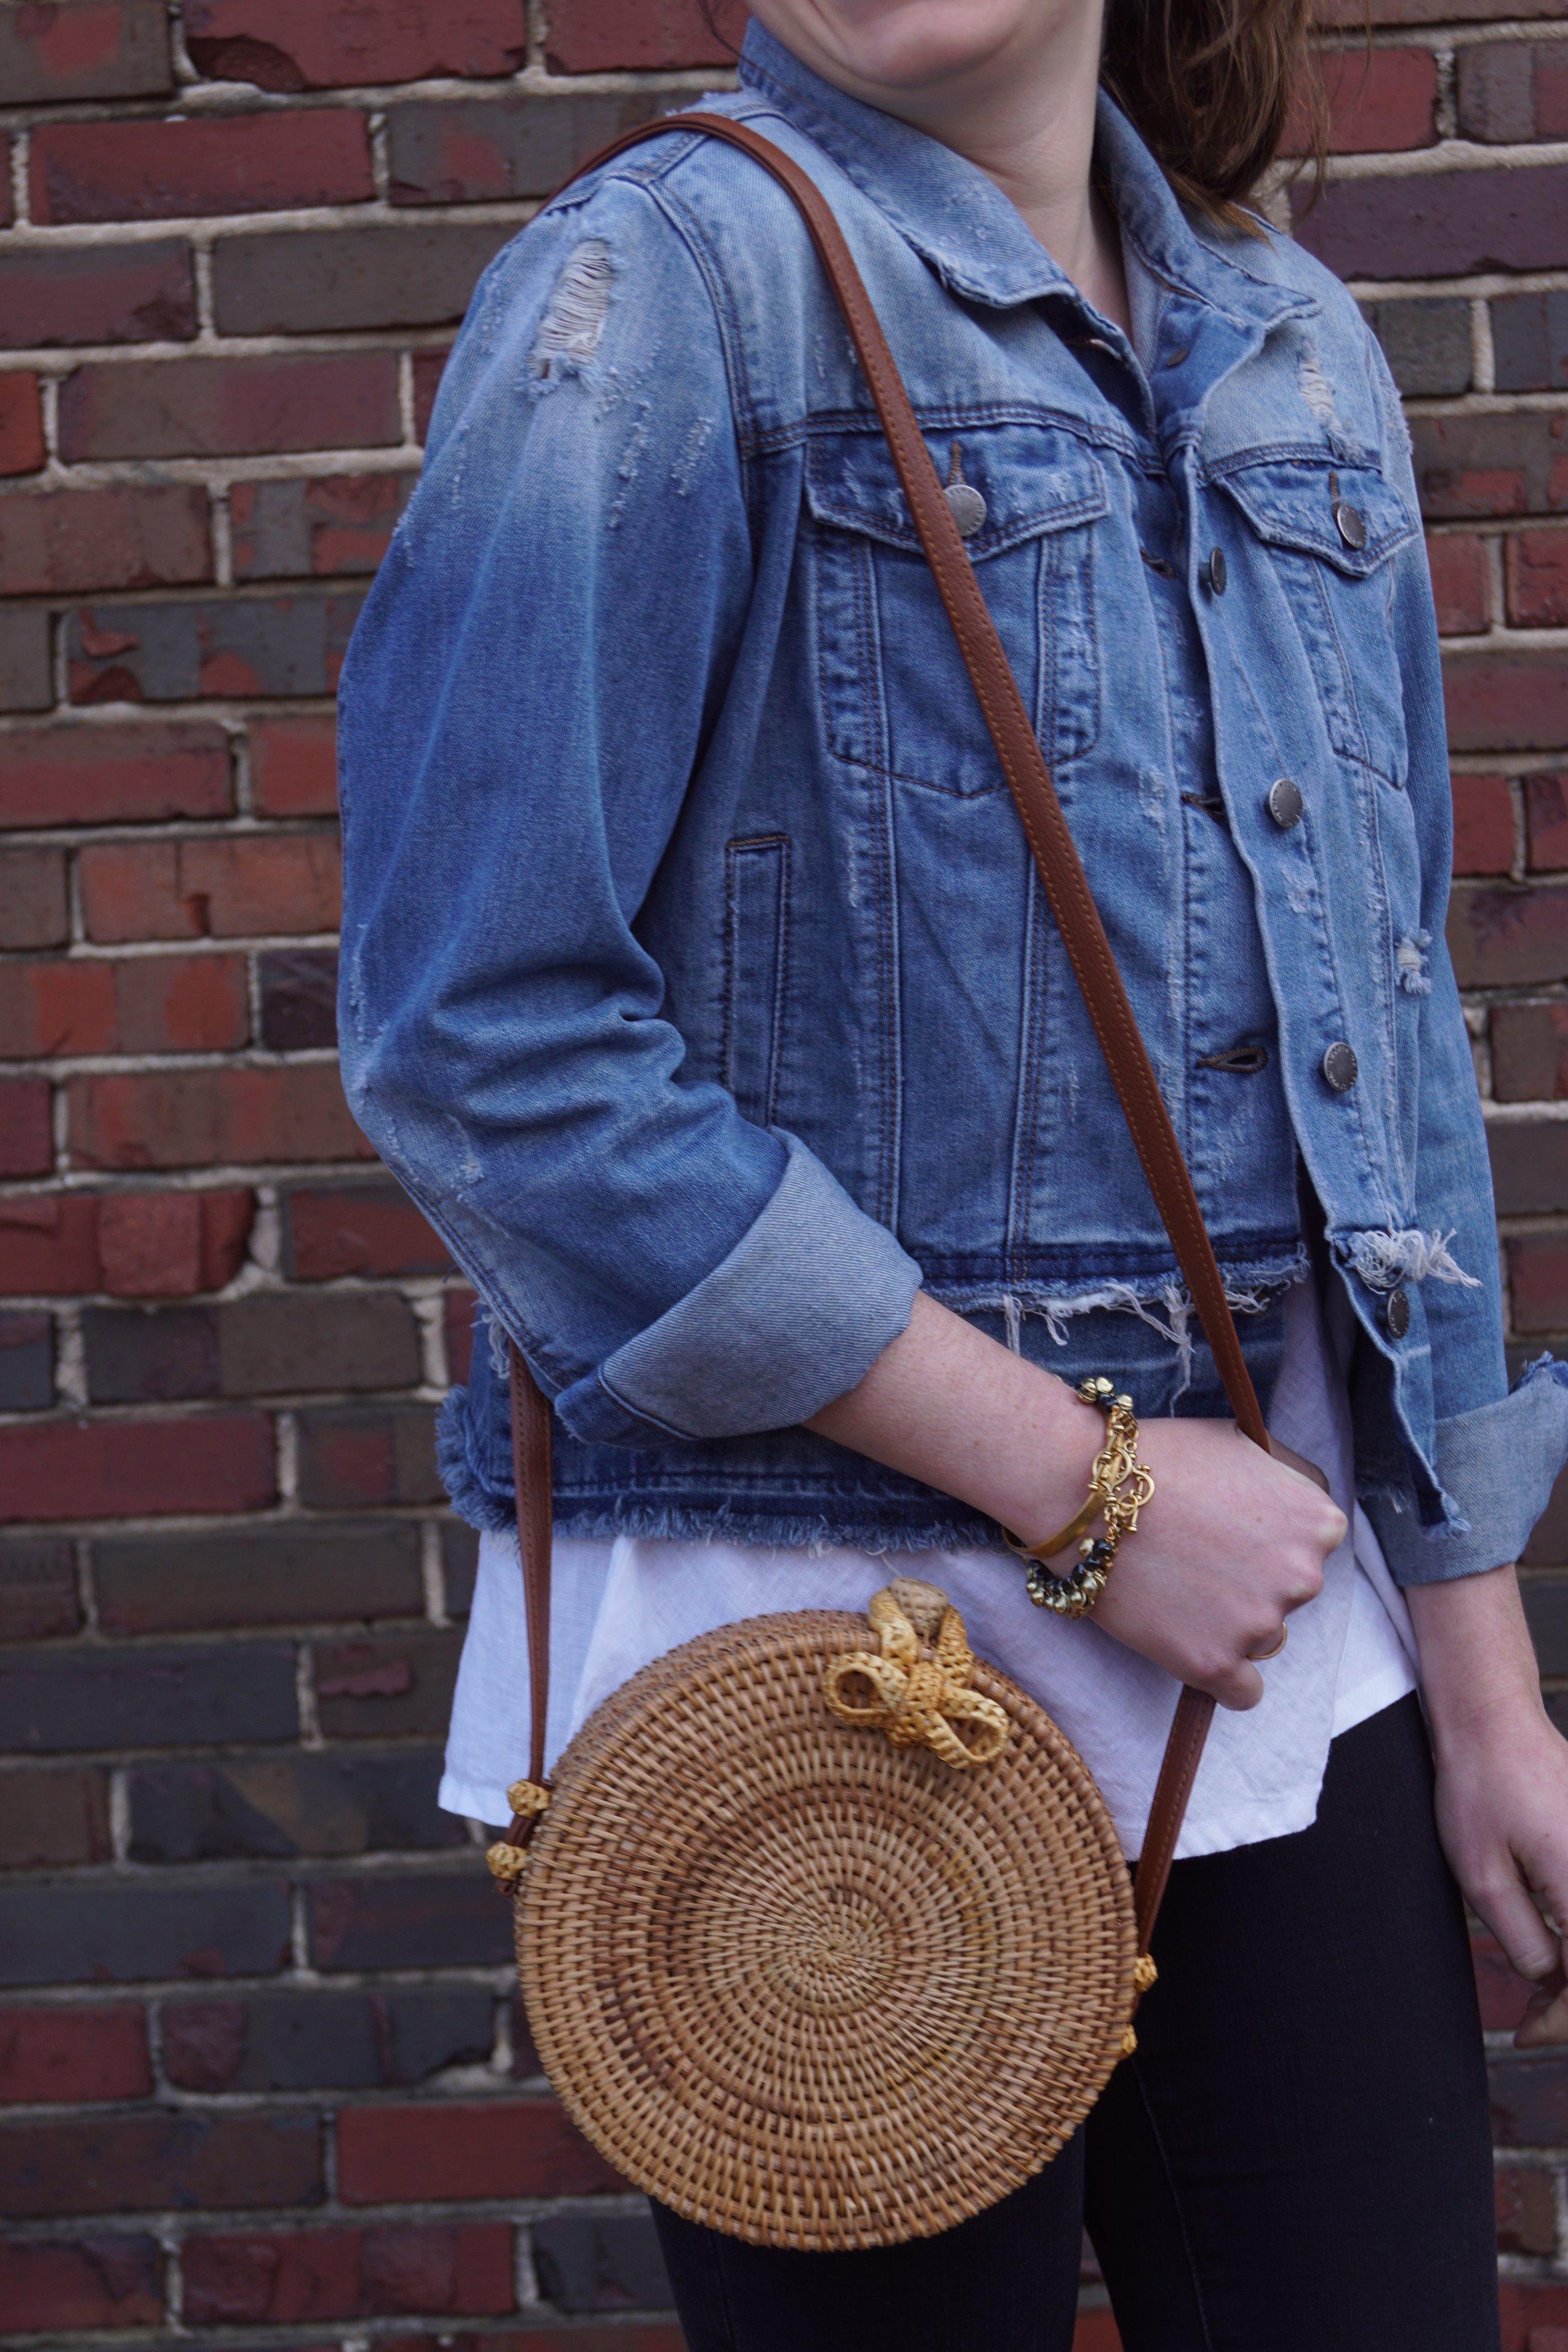 Distressed Denim jacket and rattan circle bag